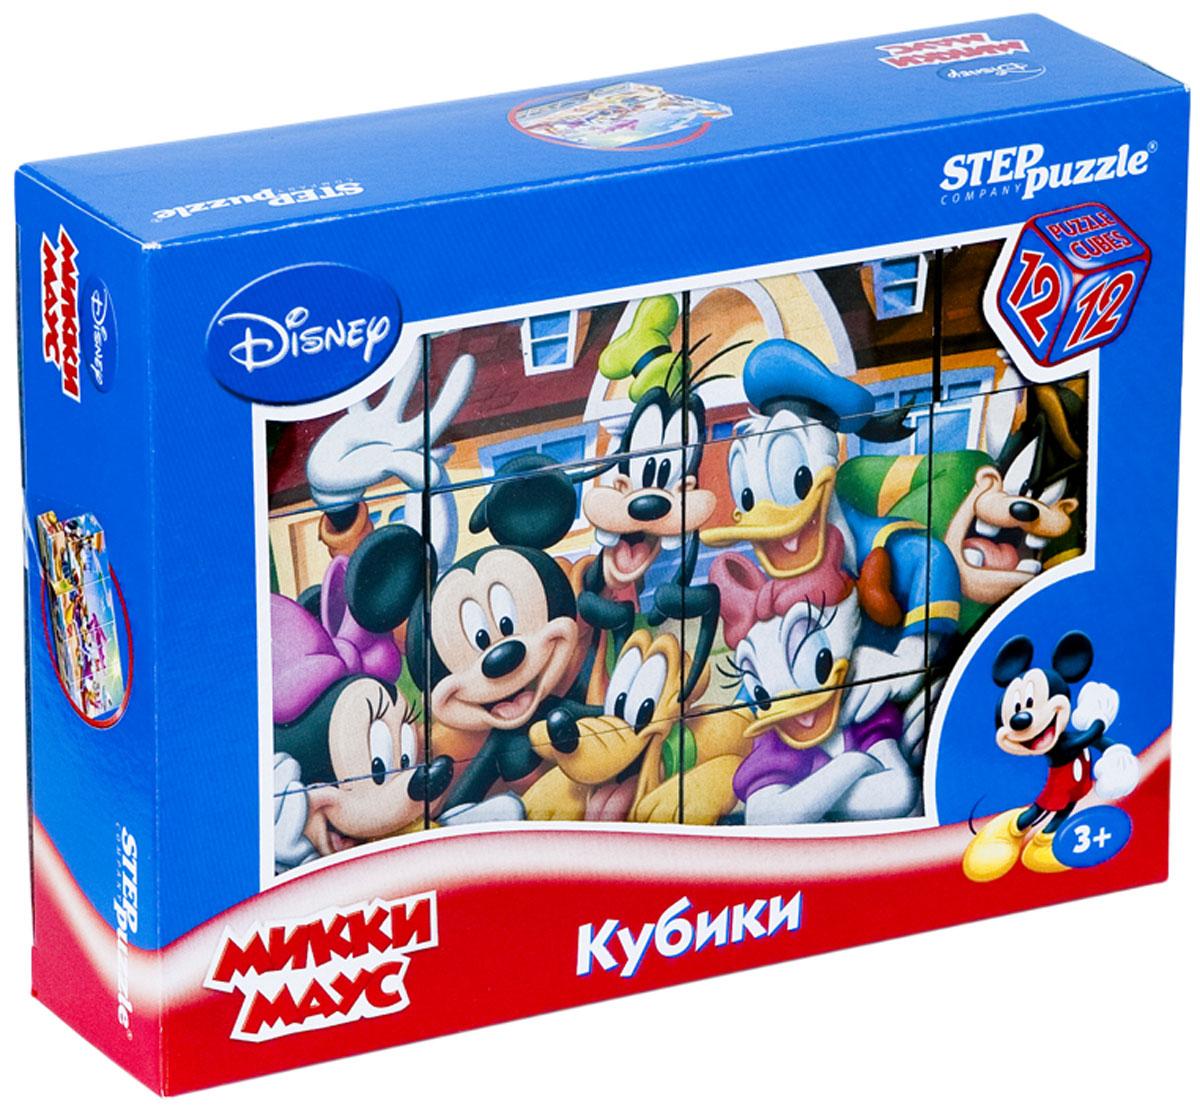 Step Puzzle Кубики Микки Маус87157С помощью кубиков Step Puzzle Микки Маус ребенок сможет собрать целых шесть красочных картинок с любимыми героями мультсериала о Микки Маусе и его друзьях. Наборы из 12 кубиков - для тех, кто освоил навык сборки картинки из 9 кубиков. Заложенный дидактический принцип От простого к сложному позволит ребёнку поверить свои силы. А герои популярных мультфильмов сделают кубики любимой игрушкой. Игра с кубиками развивает зрительное восприятие, наблюдательность, мелкую моторику рук и произвольные движения. Ребенок научится складывать целостный образ из частей, определять недостающие детали изображения. Это прекрасный комплект для развлечения и времяпрепровождения с пользой для малыша.